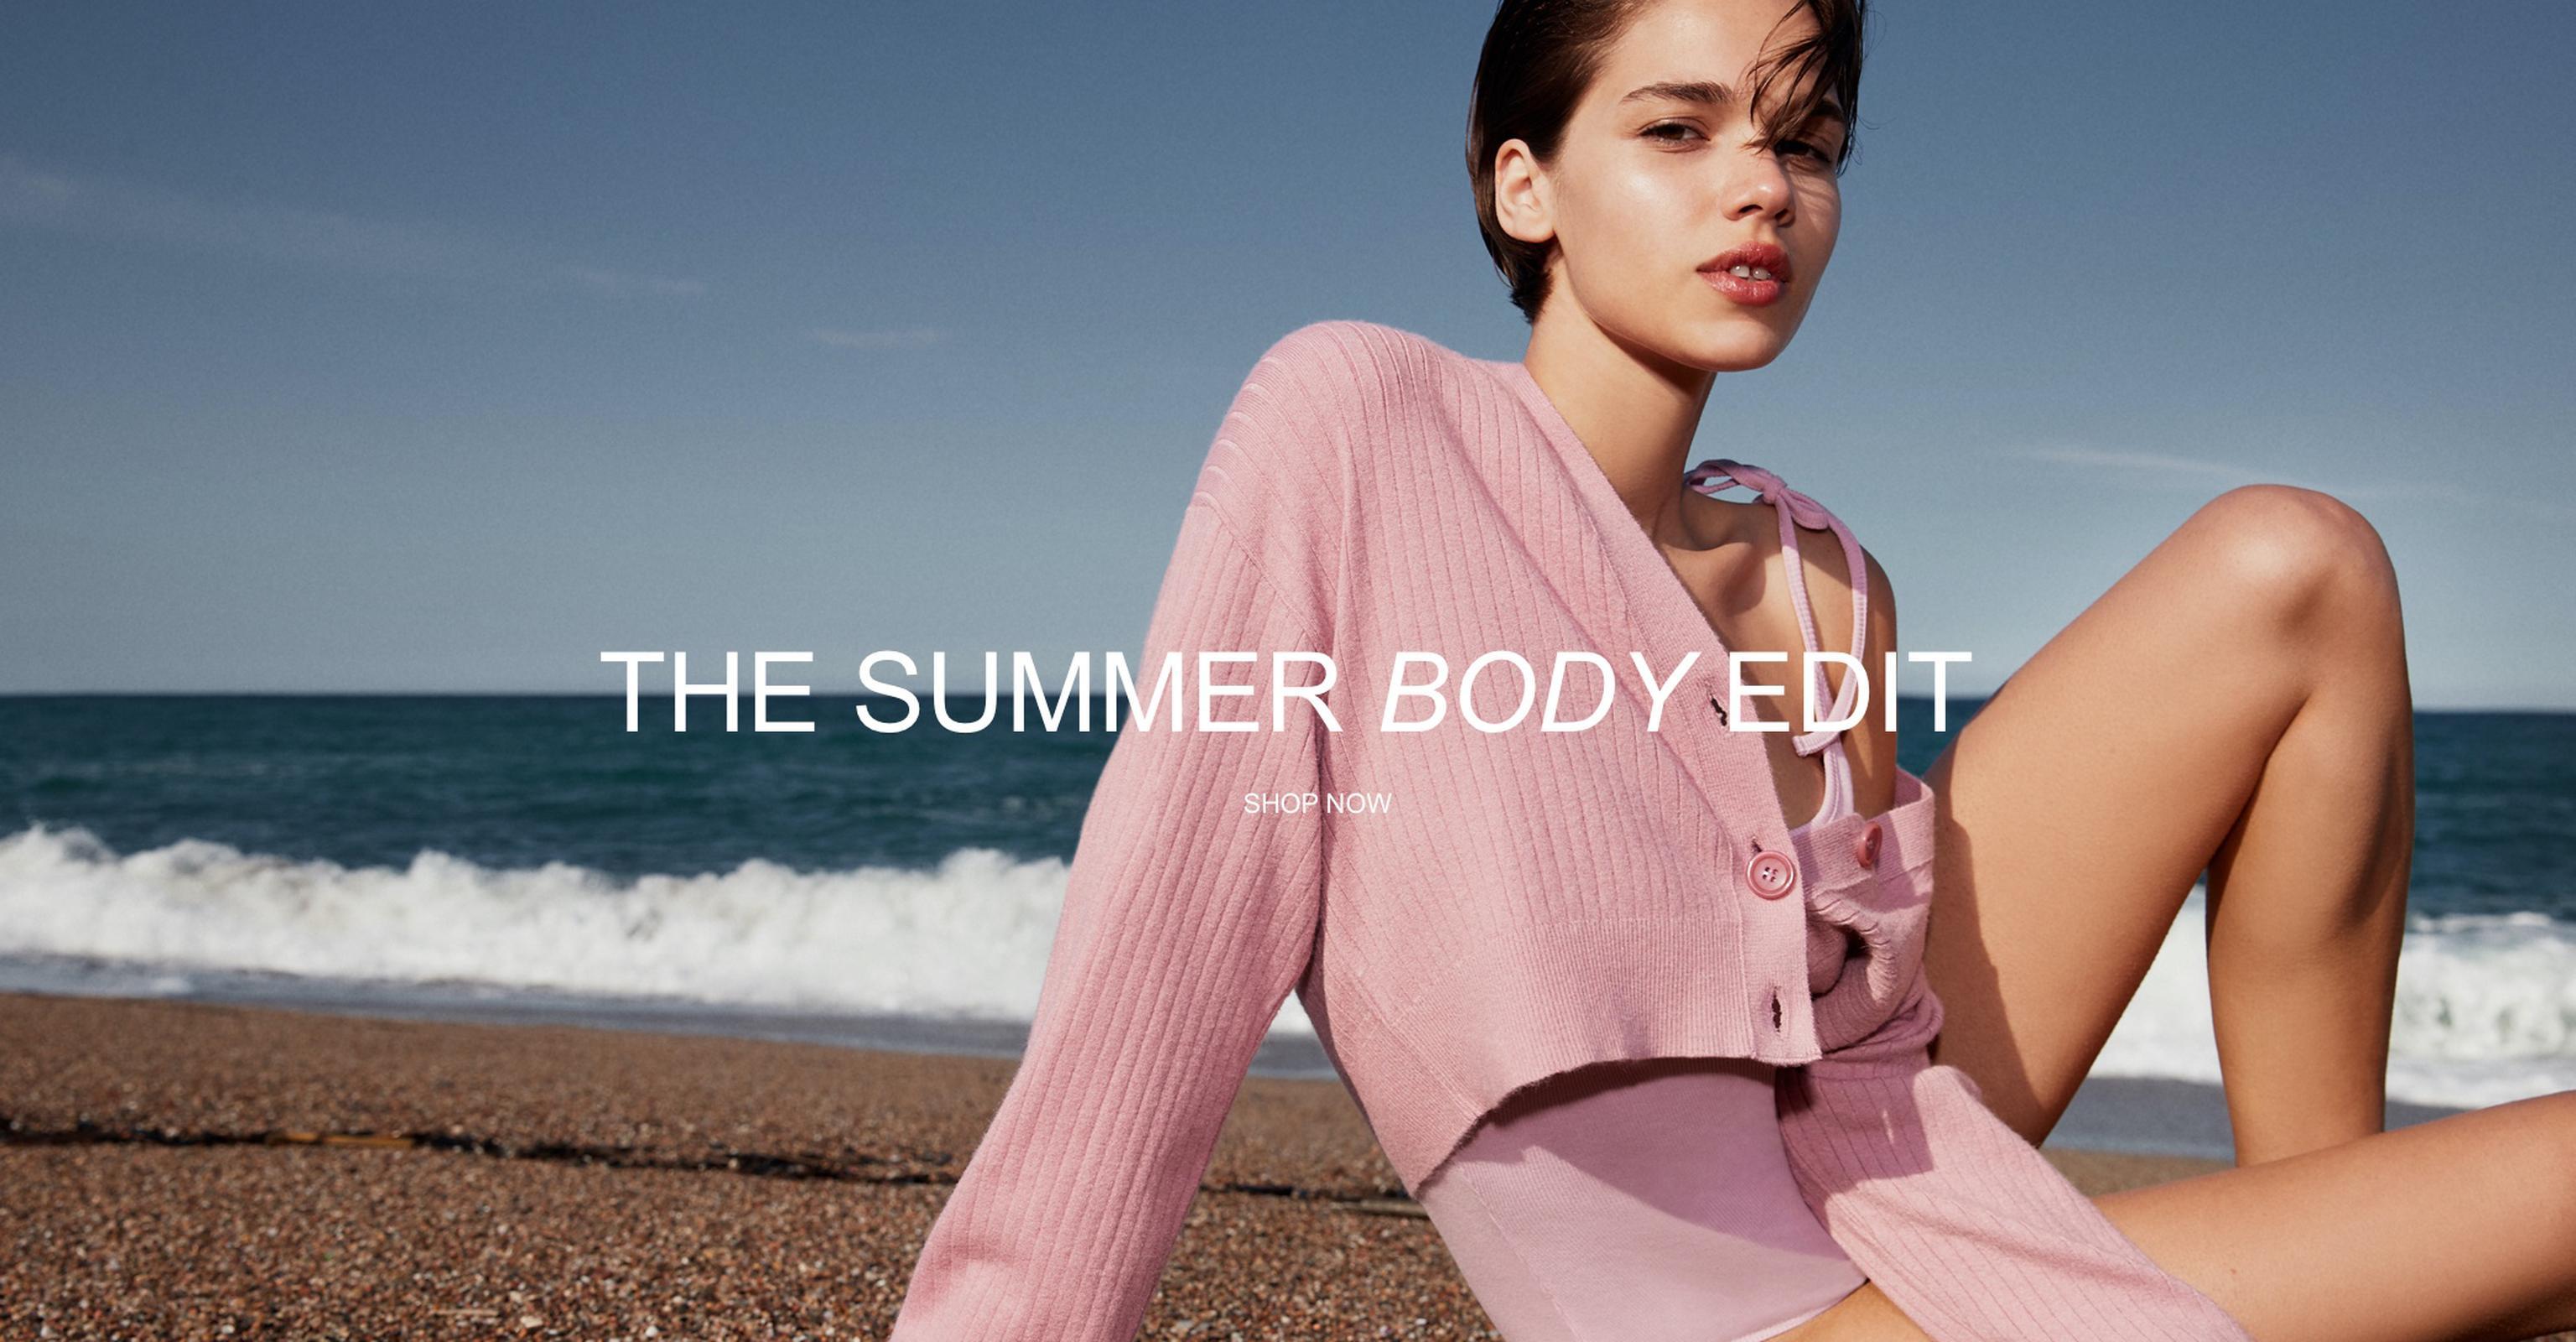 Summer Bodies OV